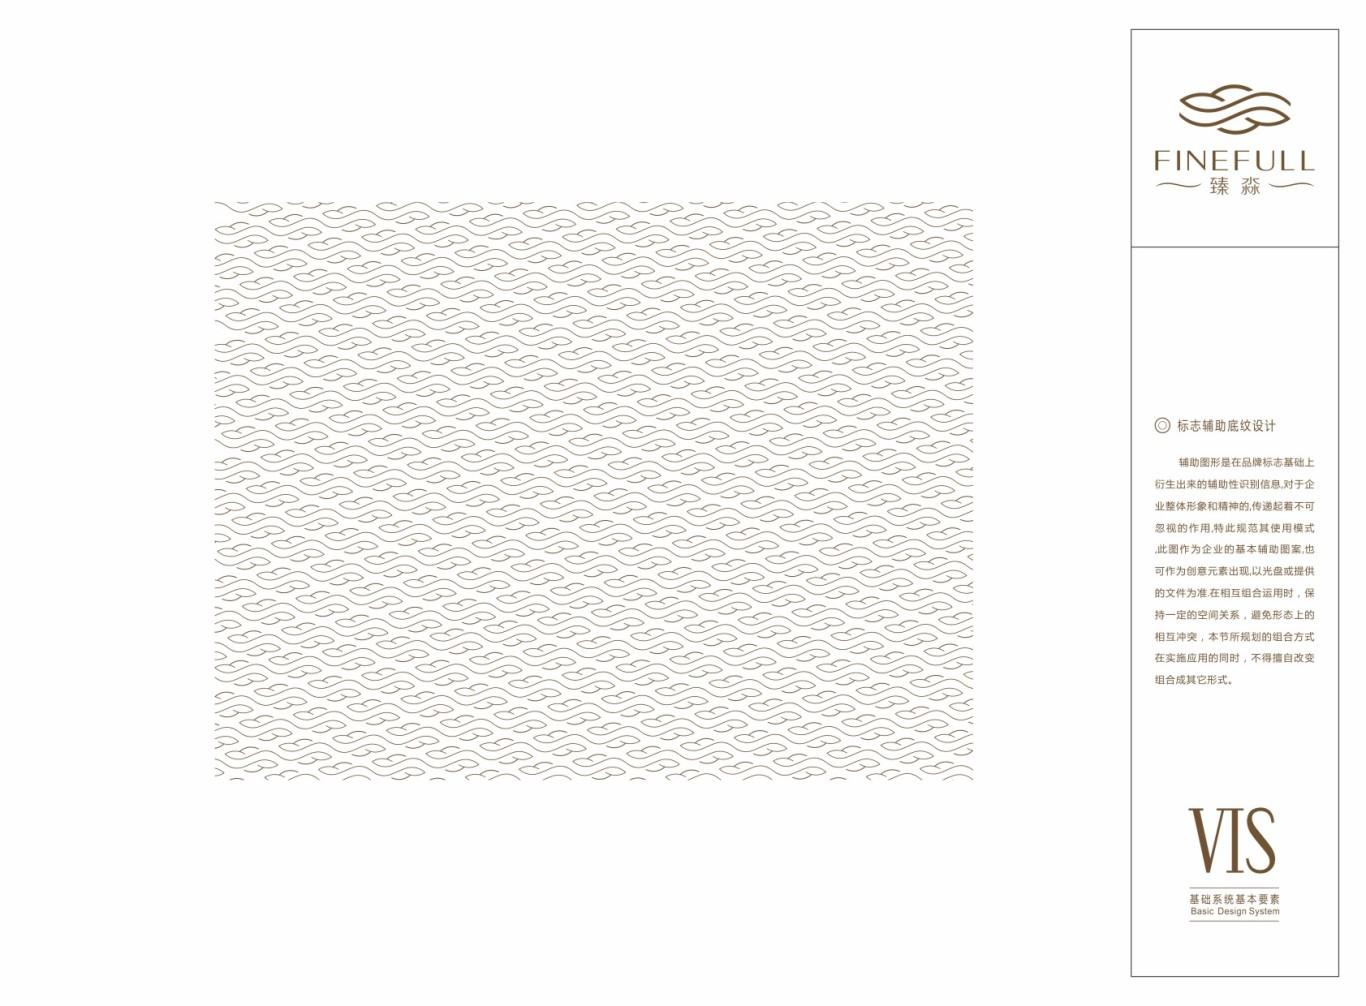 北京五星级FINEFULL-SPA水疗中心标志及VI设计图14